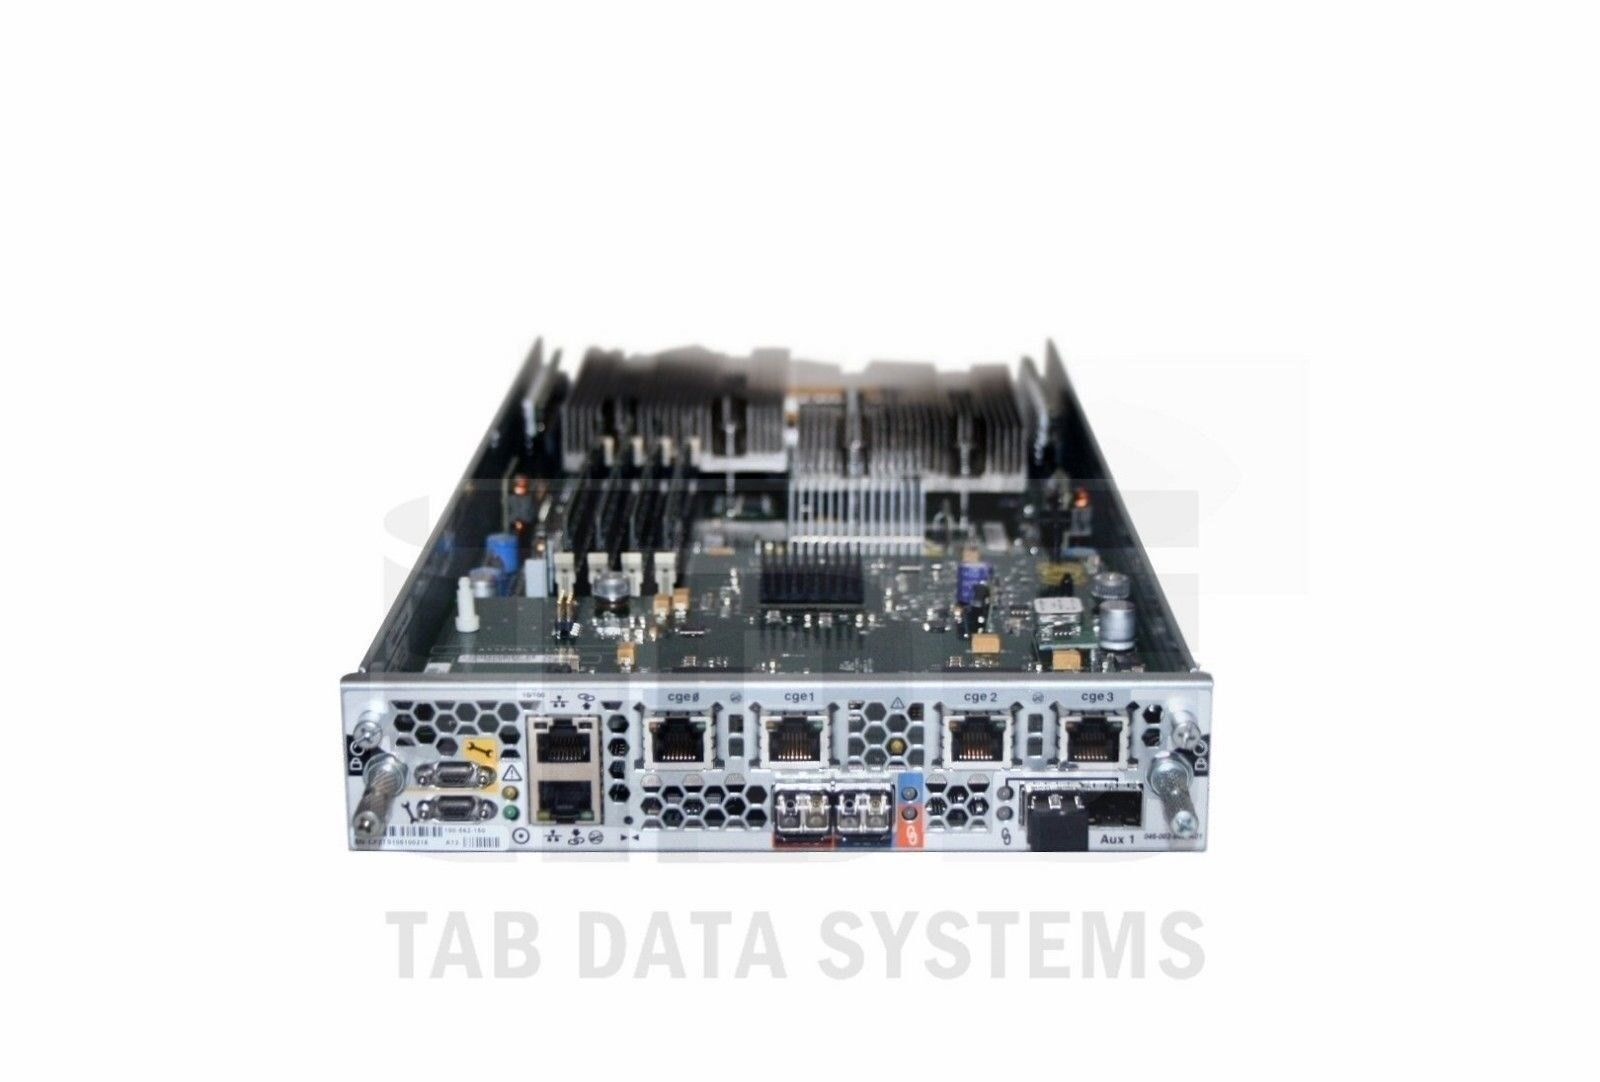 EMC Celerra 100-562-150 DATA MOVER (Blade) W/ 3 SFP TRANSCEIVERS